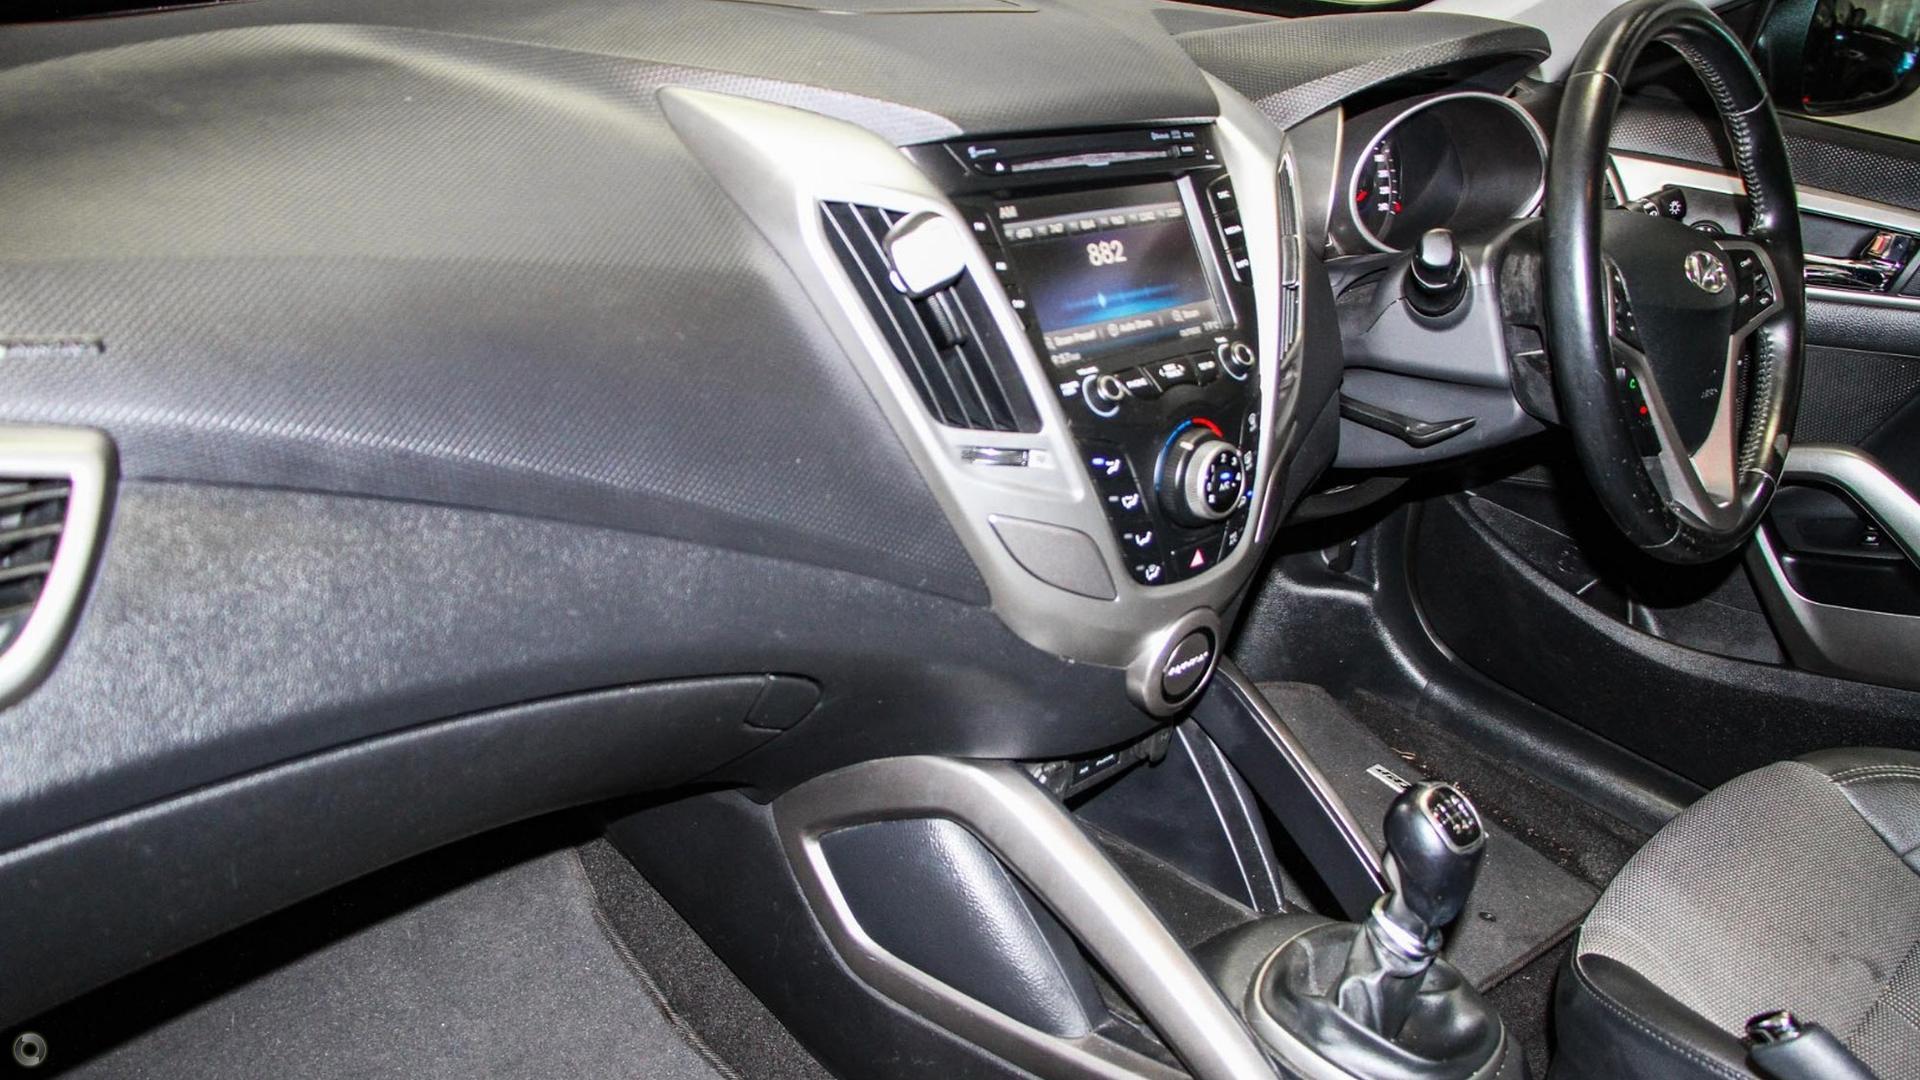 2013 Hyundai Veloster + FS2